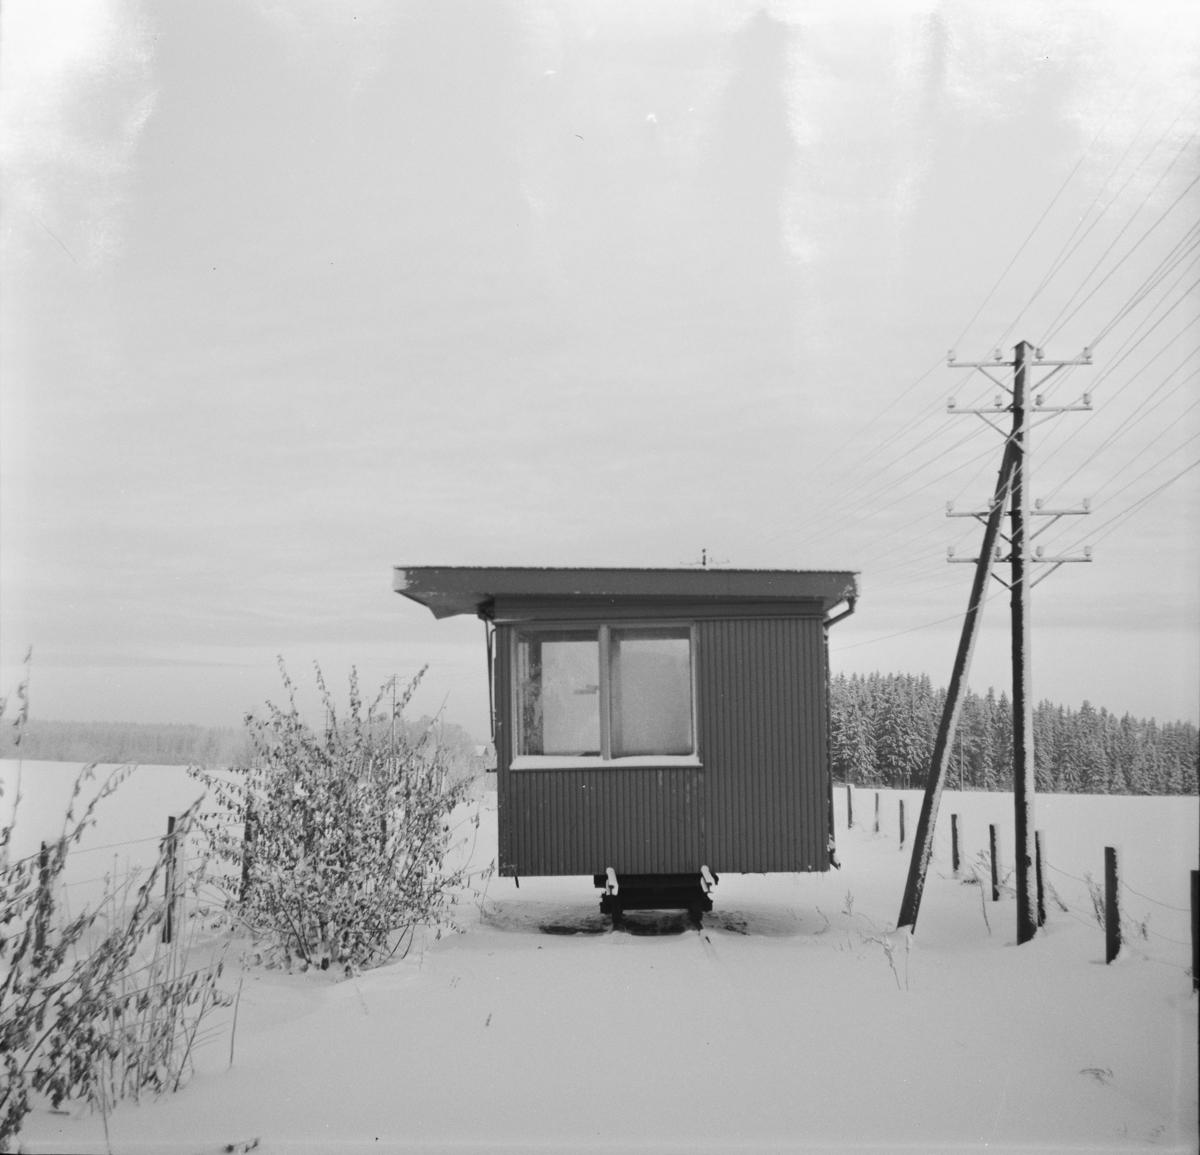 Den gamle Narvesenkiosken på Fetsund ble overtatt av museumsbanen Urskog-Hølandsbanen. Her mellomlagret på tralle på Fossum stasjon.